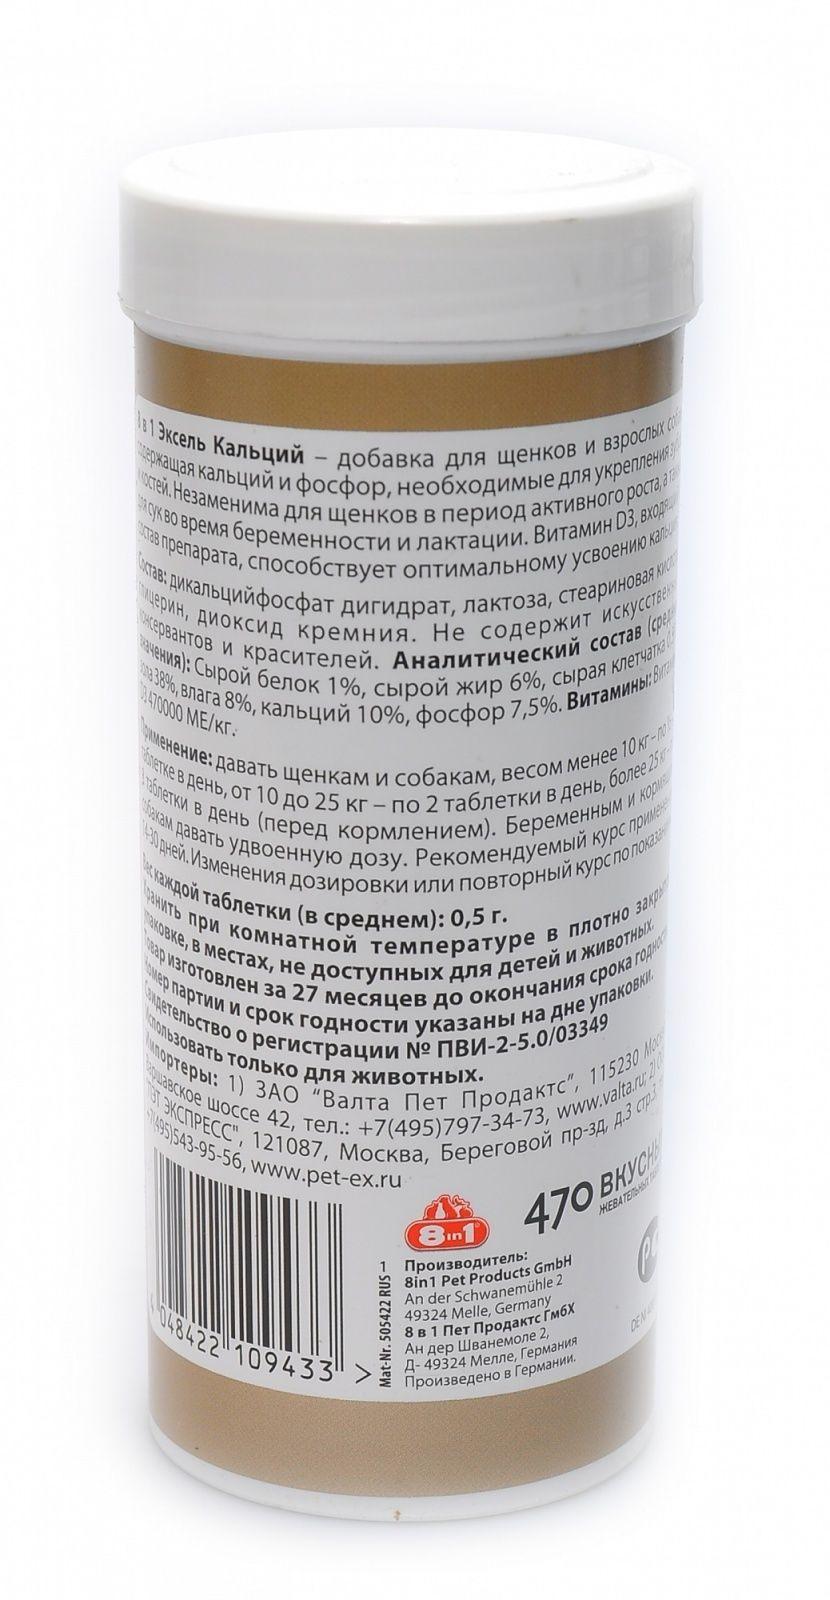 Витамины 8 in1 Эксель Кальций для собак Excel Calcium, 470 таб.: цена, описание, отзывы